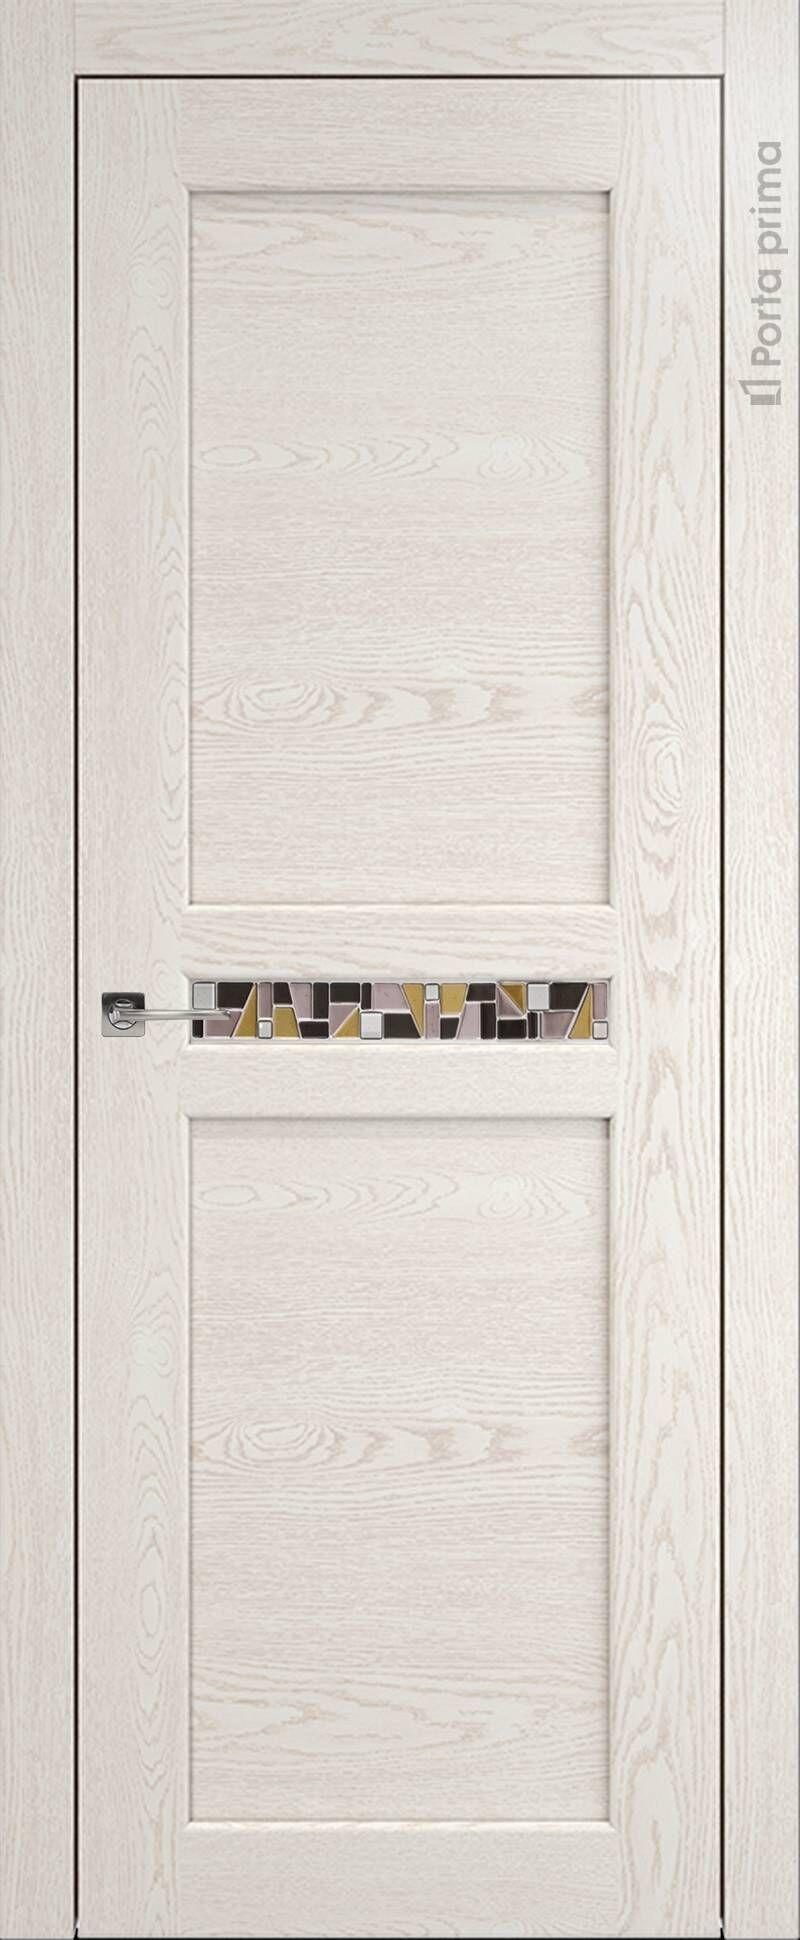 Verona цвет - Белый ясень (nano-flex) Без стекла (ДГ)